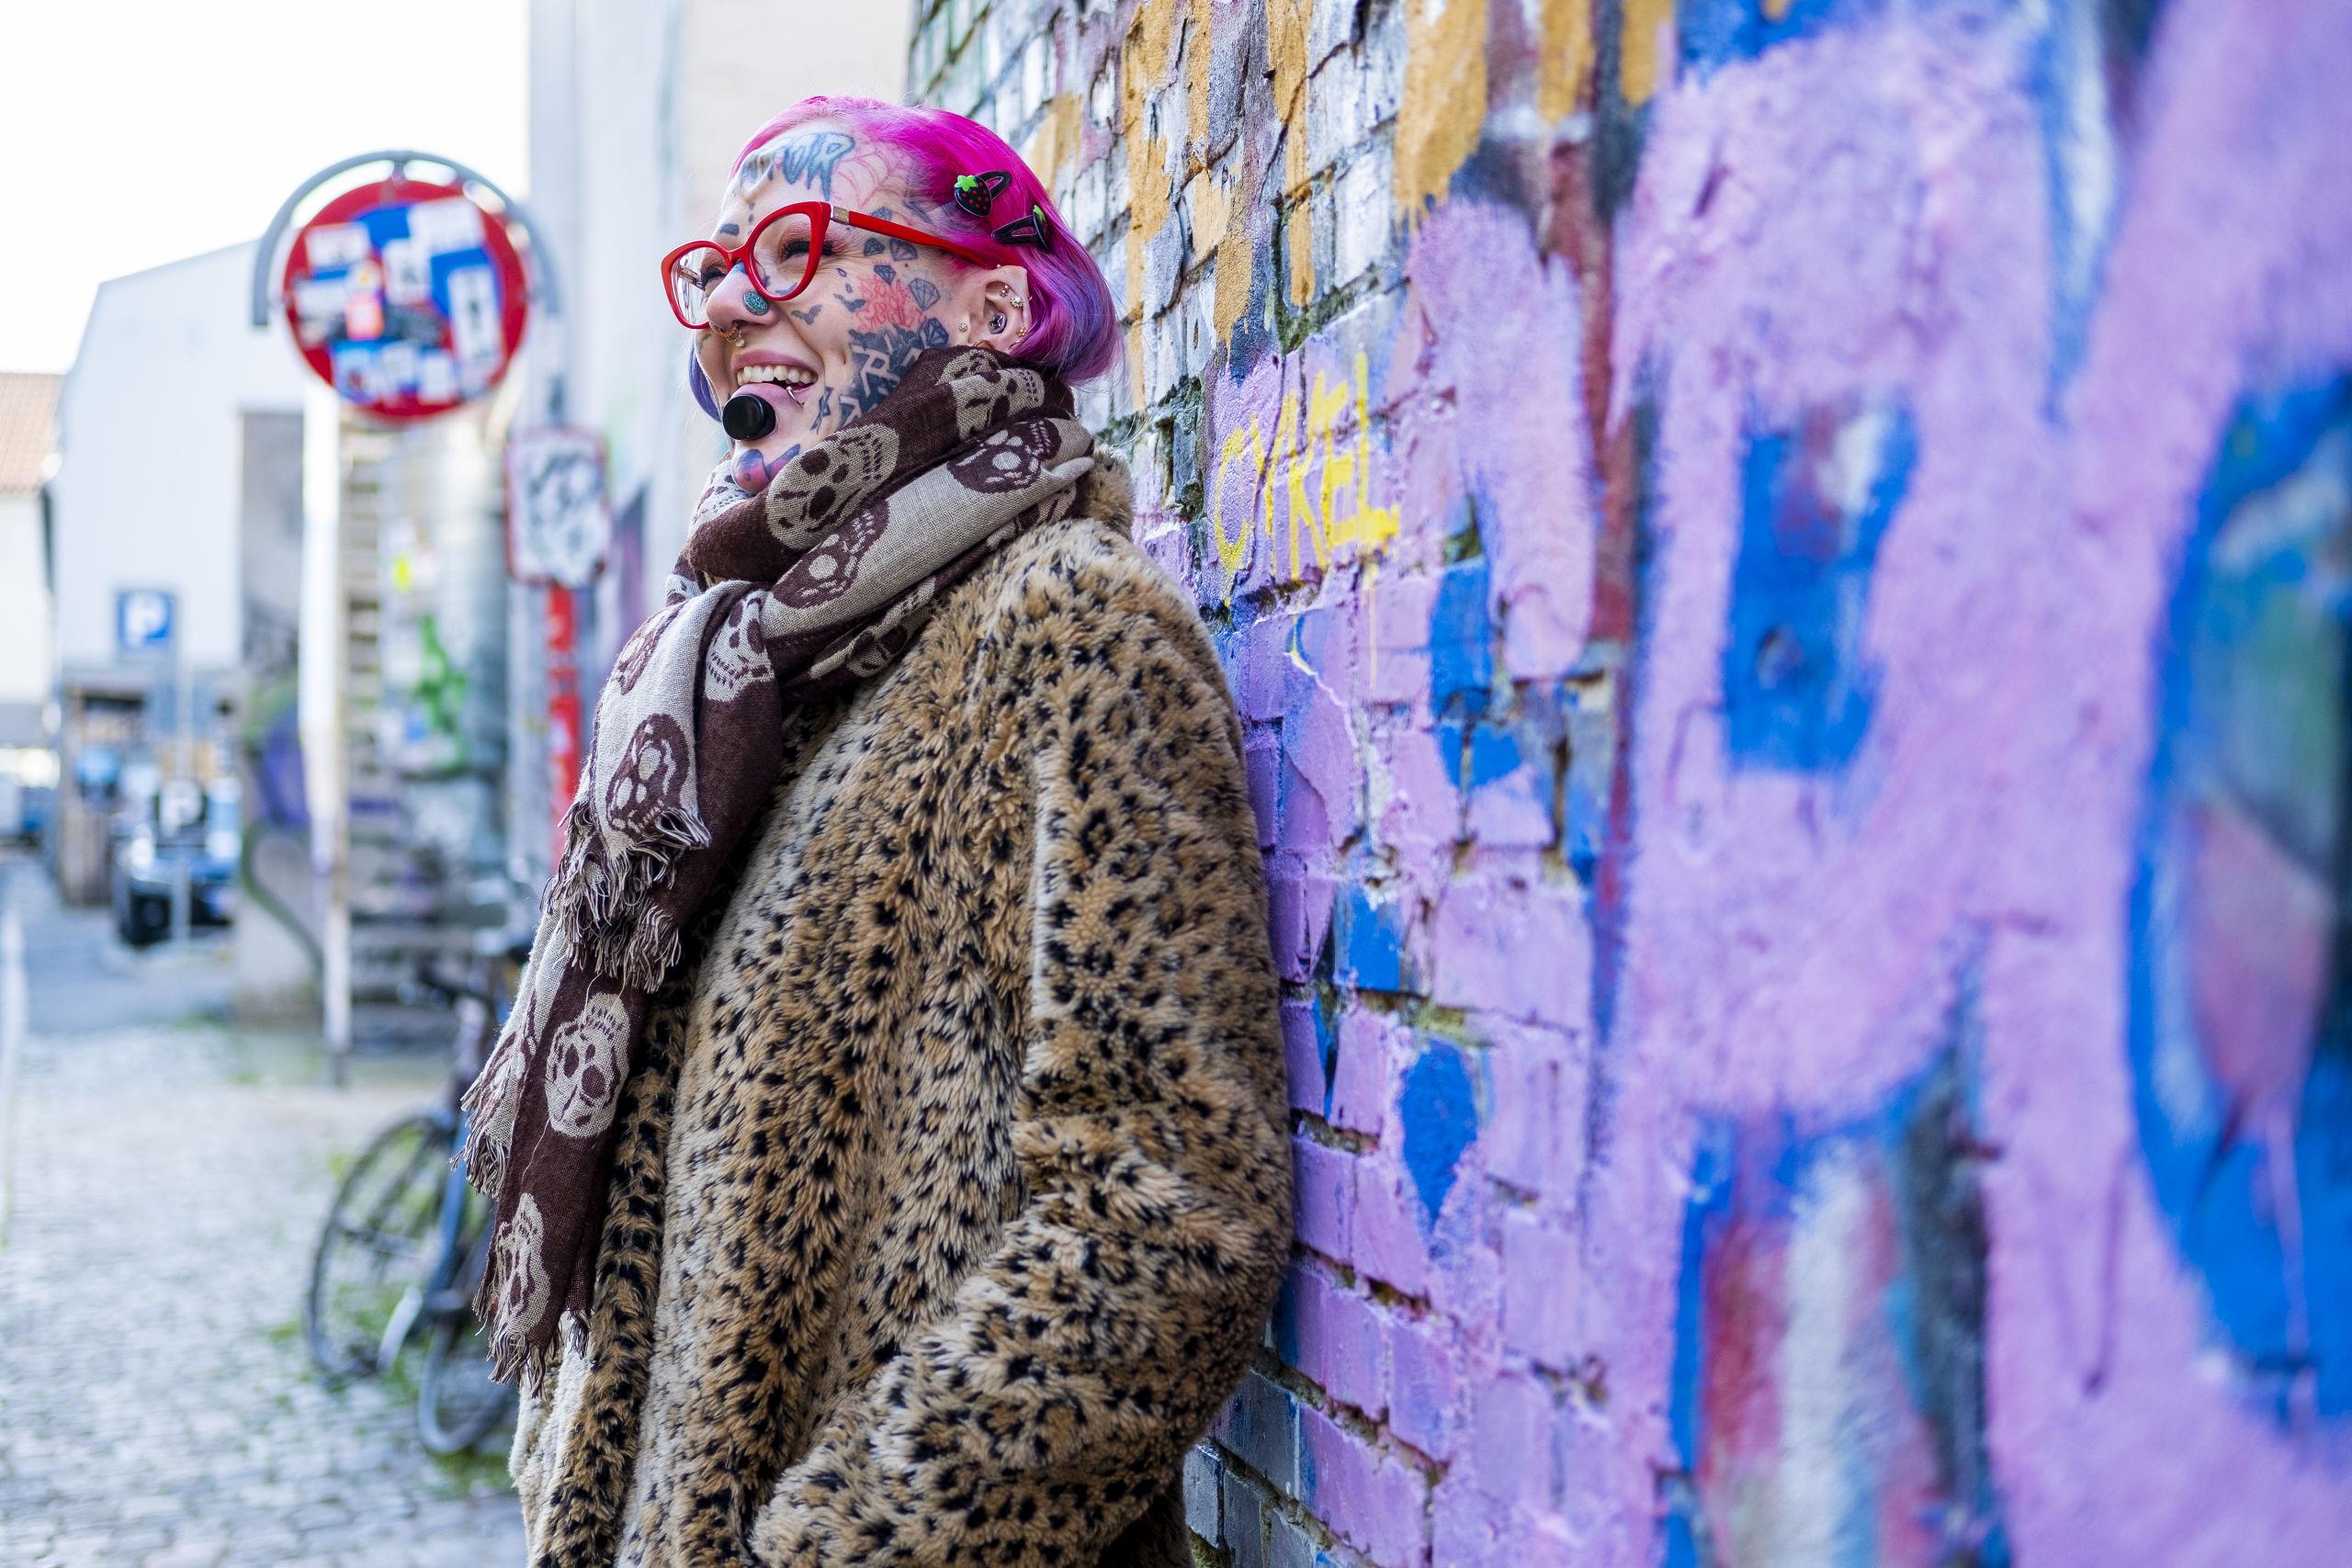 Sarah Martin elsker Aalborg og er ikke bleg for at vise byen, hvem hun er. Foto: Lasse Sand